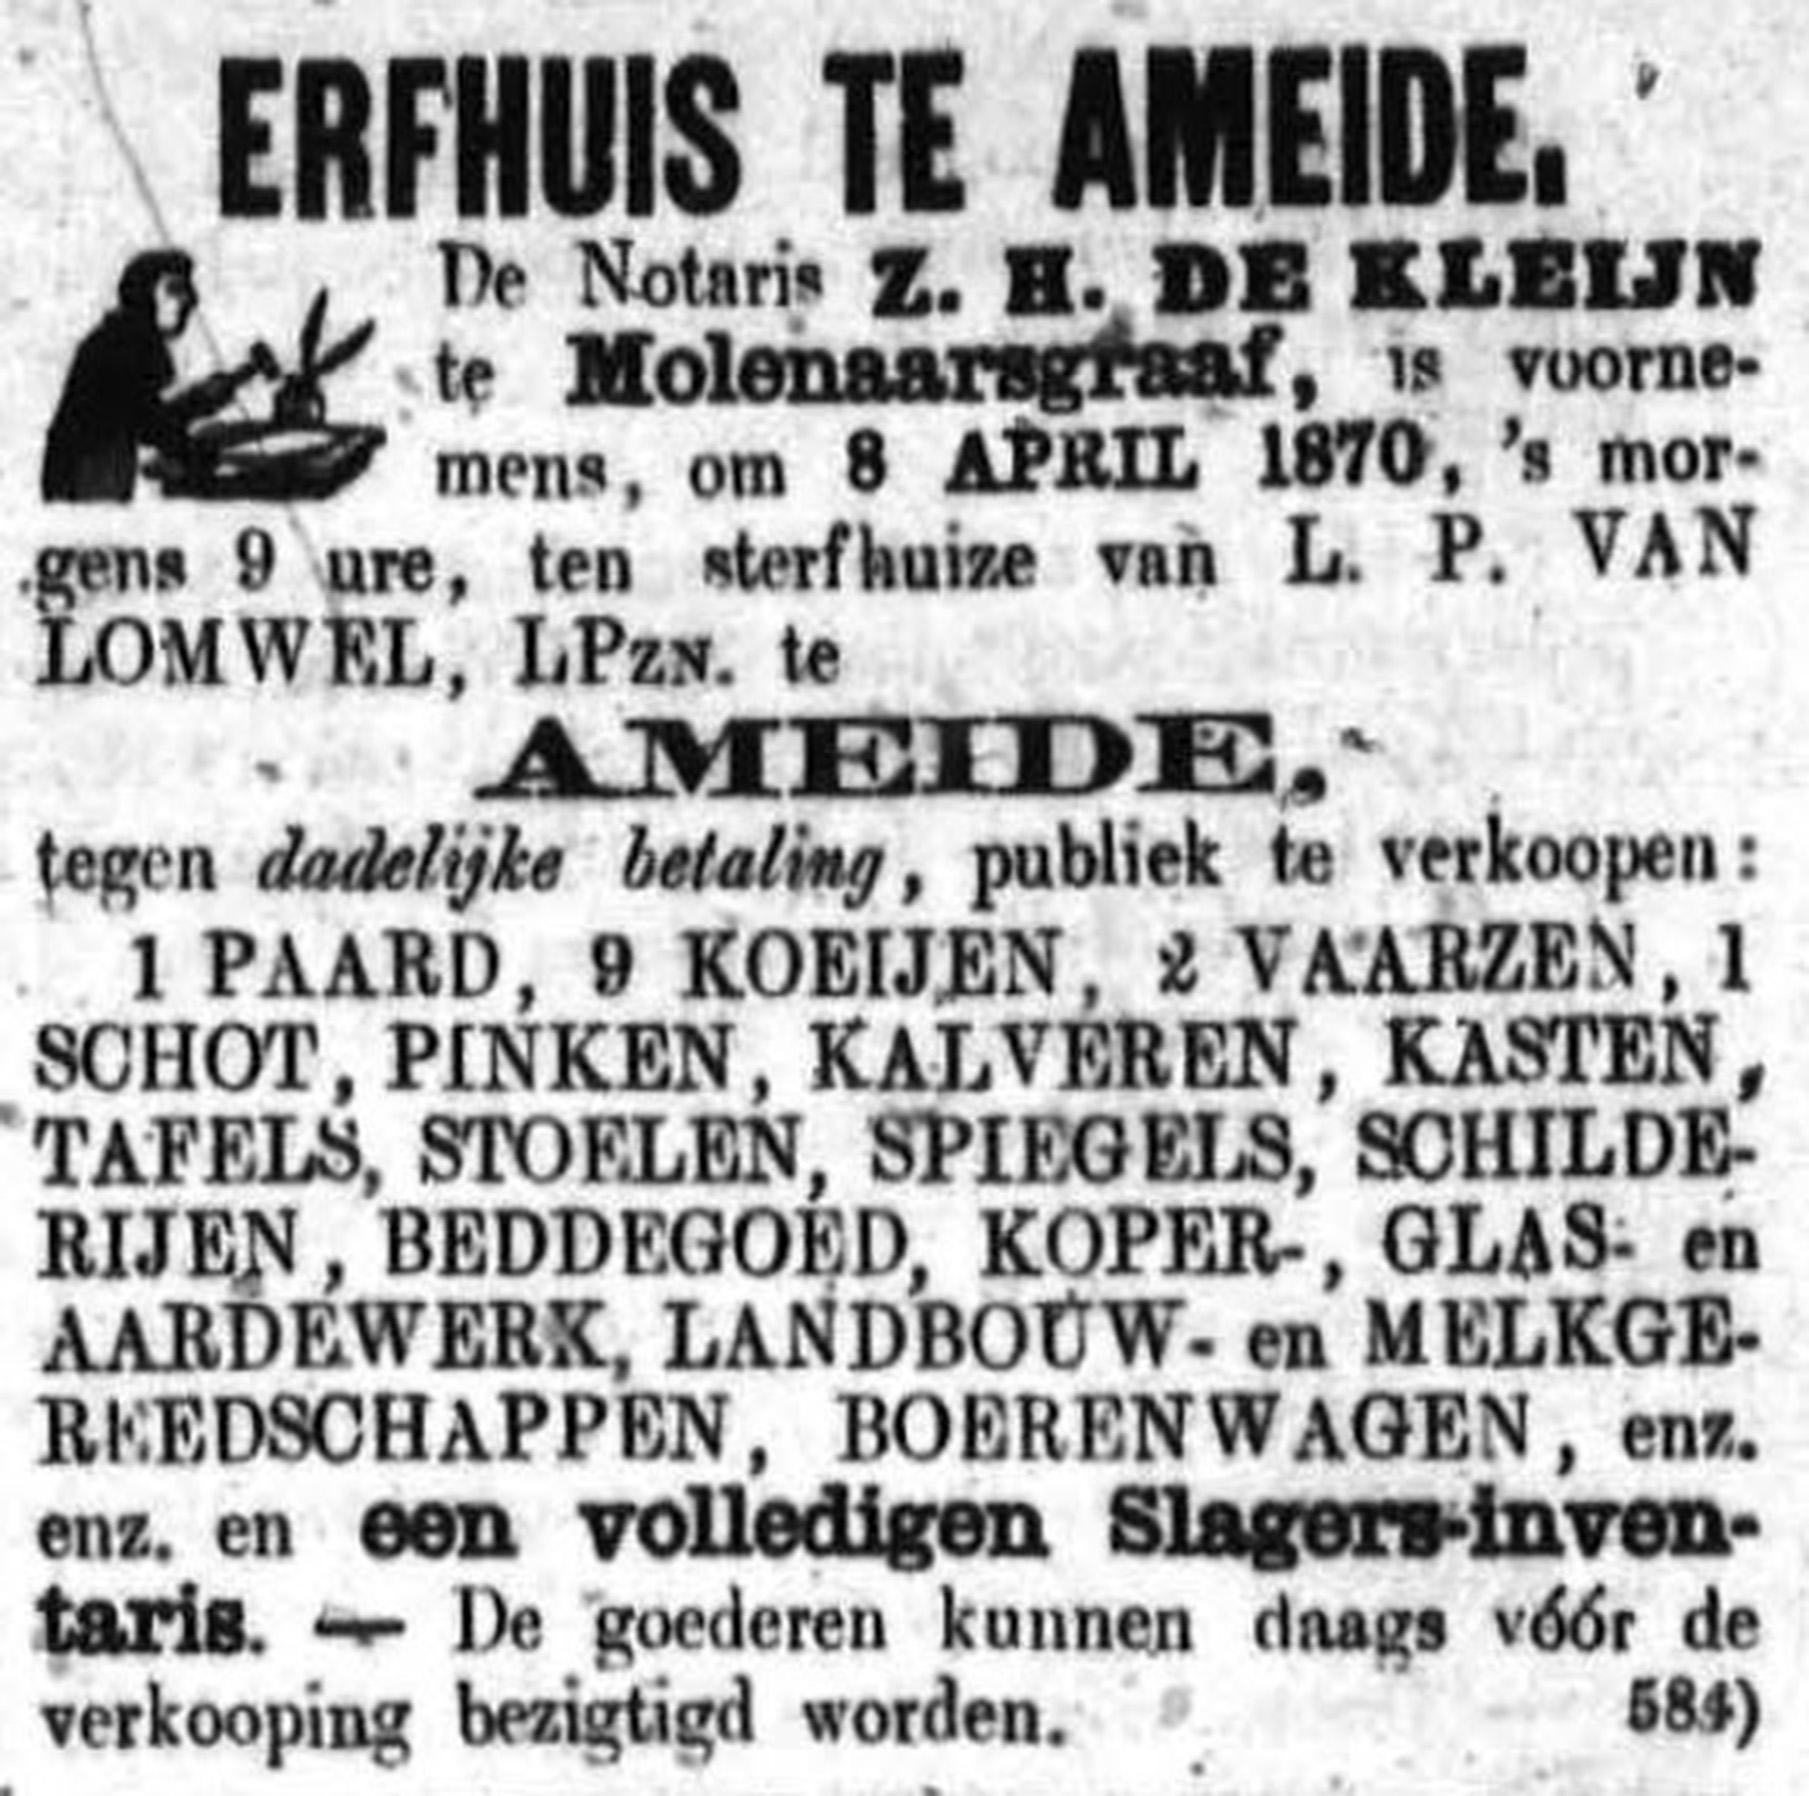 Schoonhovensche Courant 00040 1870-04-03 artikel 2